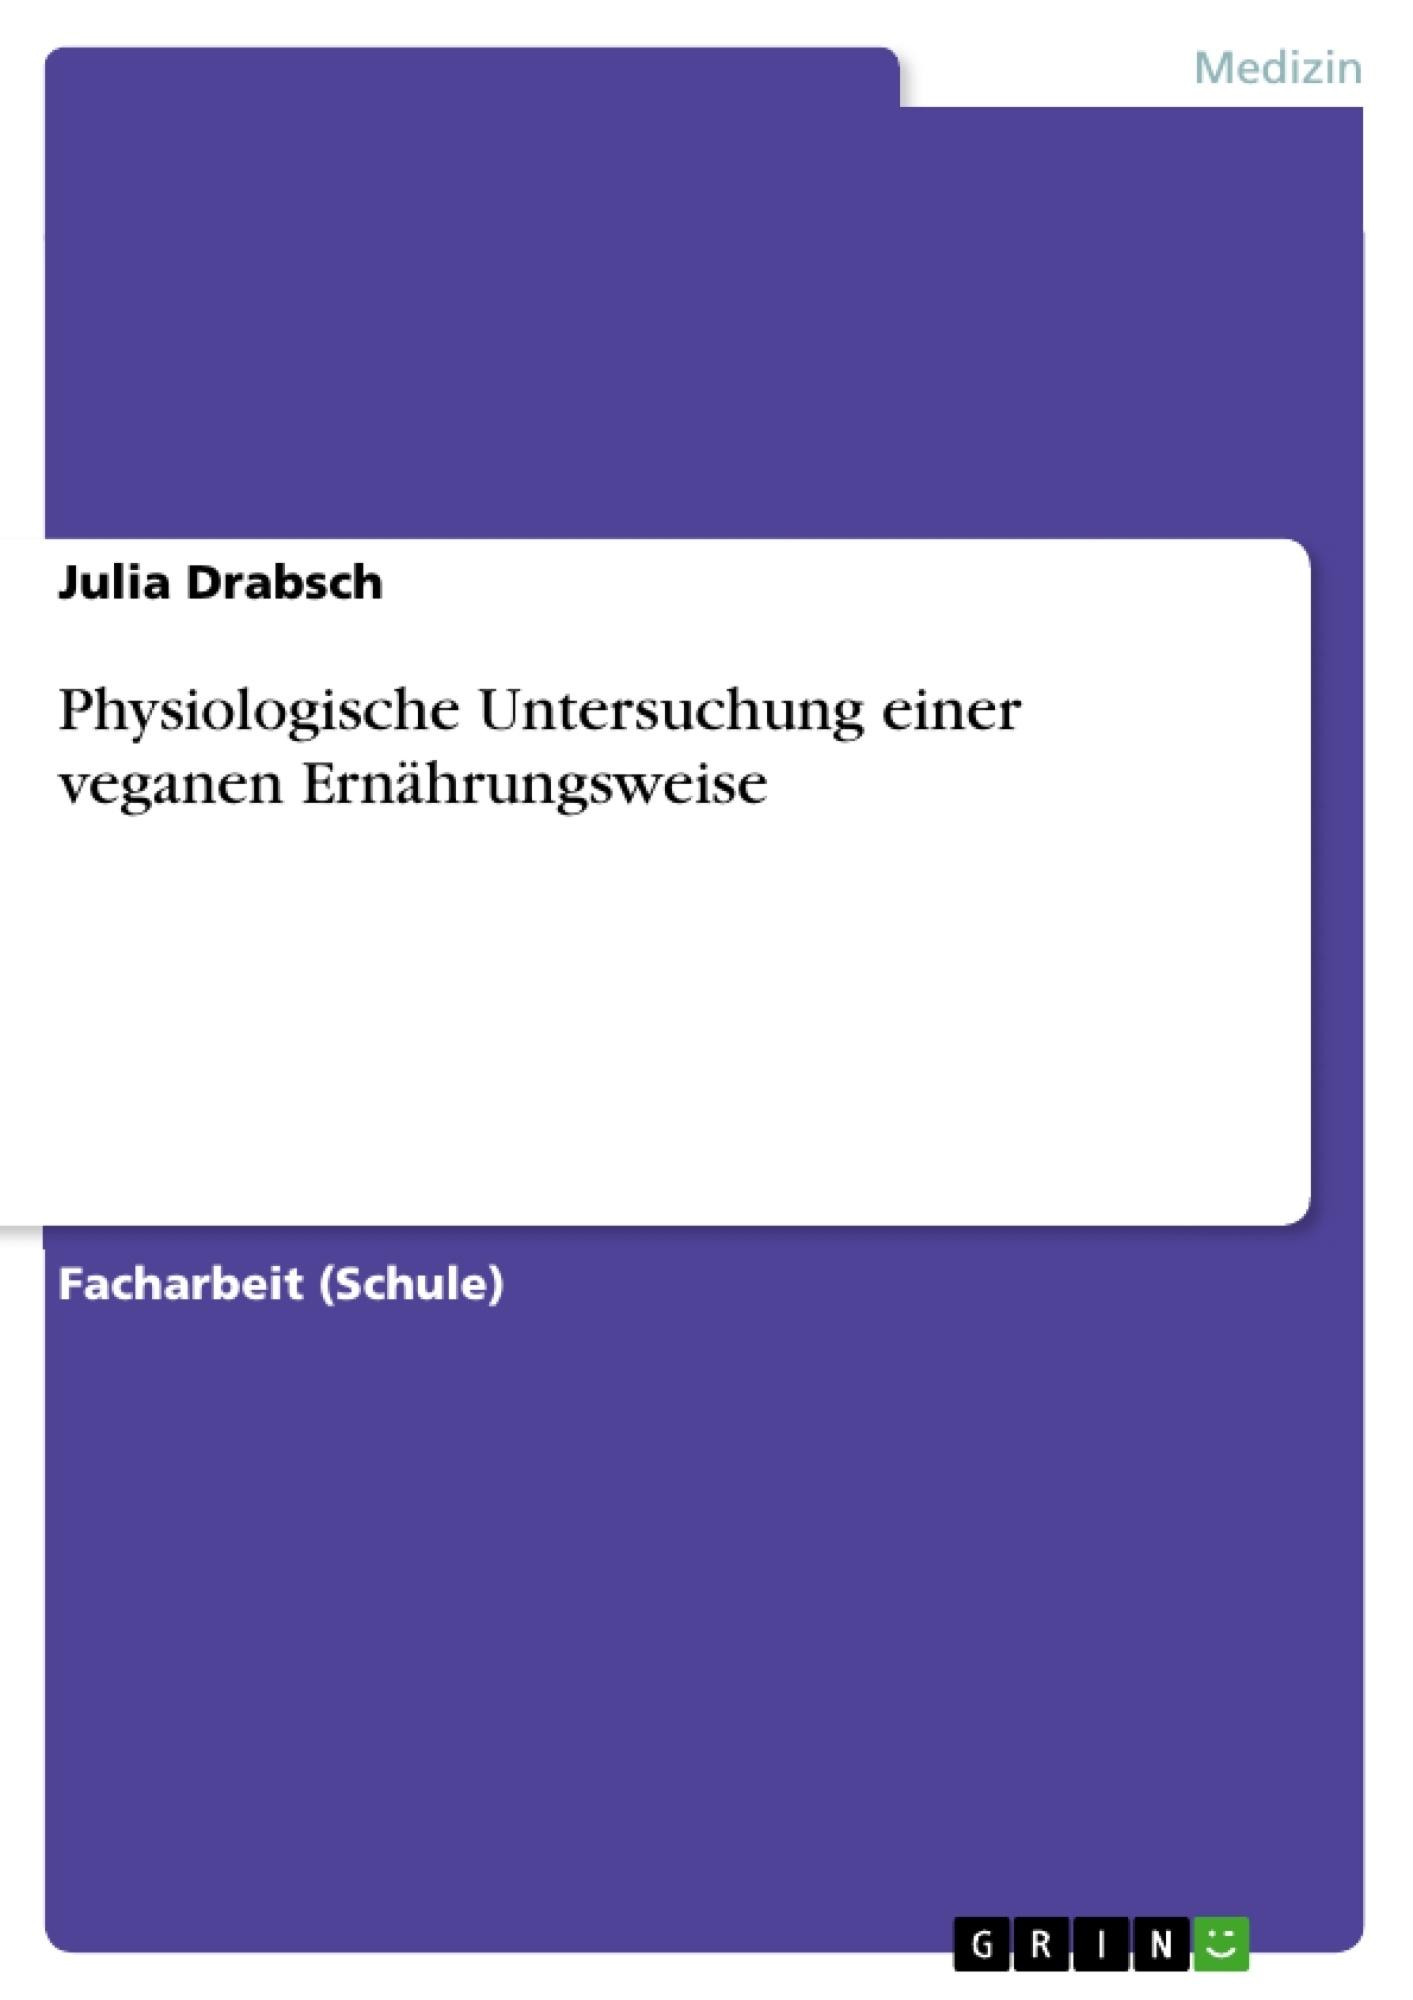 Titel: Physiologische Untersuchung einer veganen Ernährungsweise